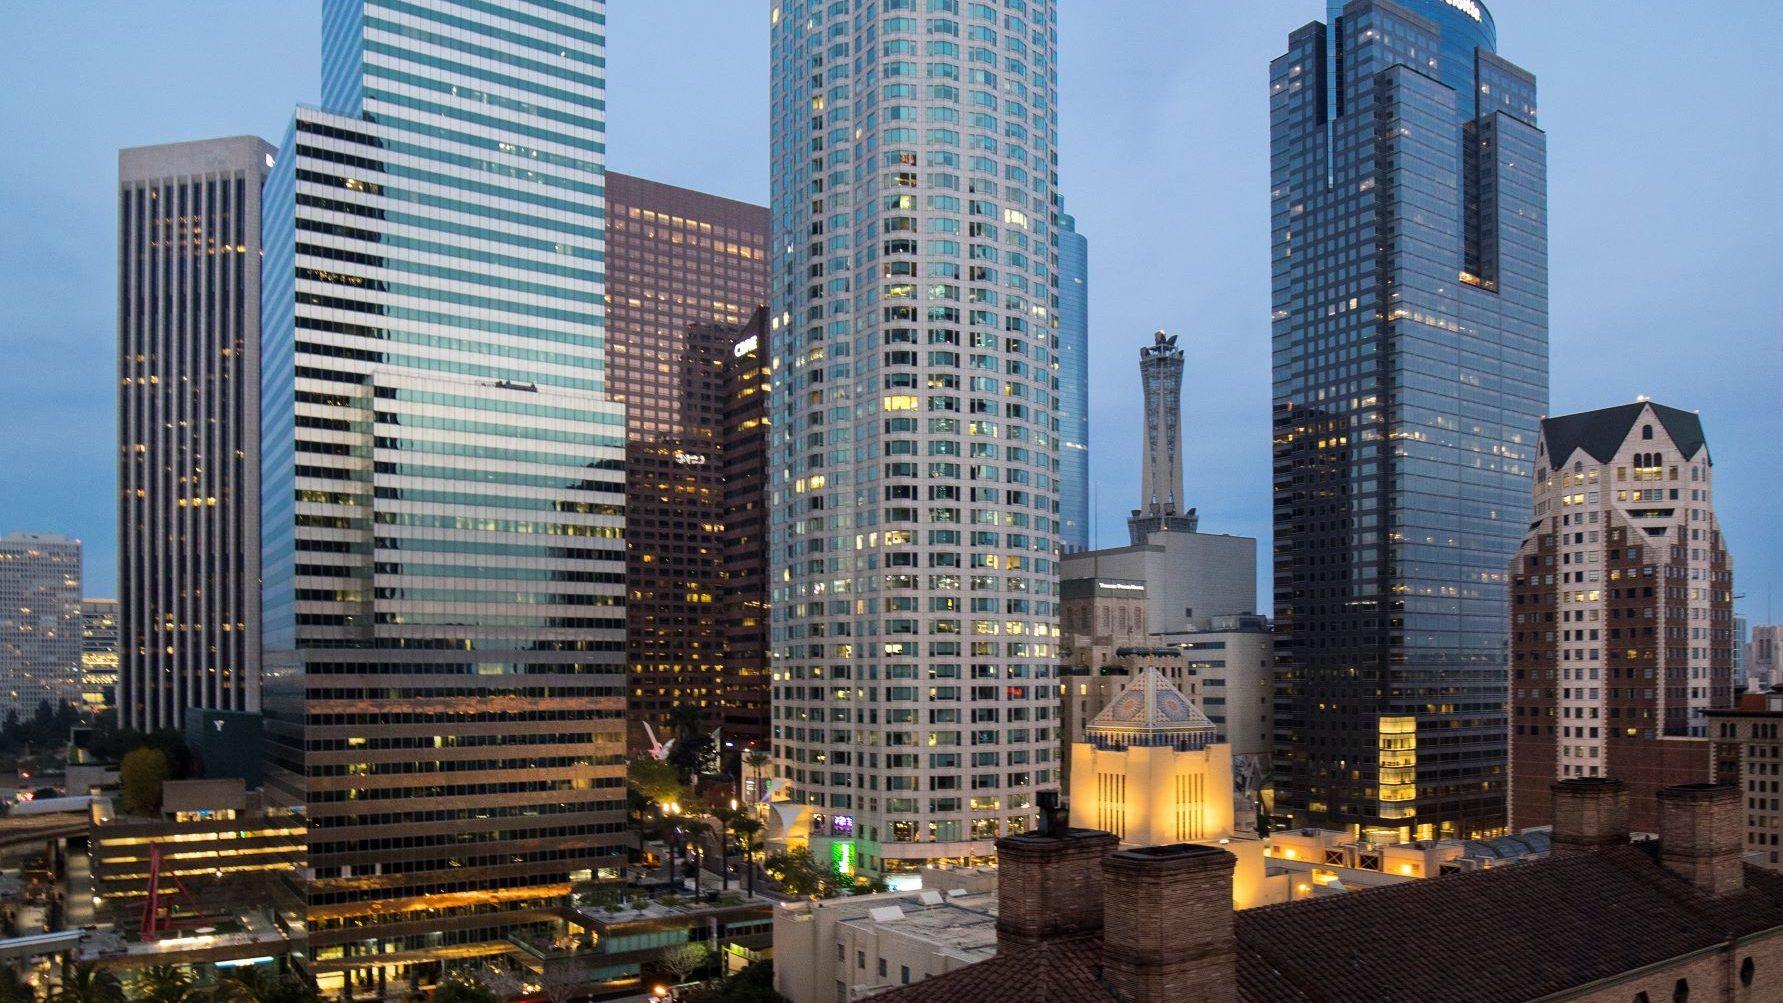 מגדל, מנורה מבטחים ו-Silverstein Properties רוכשות את US Bank Tower בלוס אנג'לס